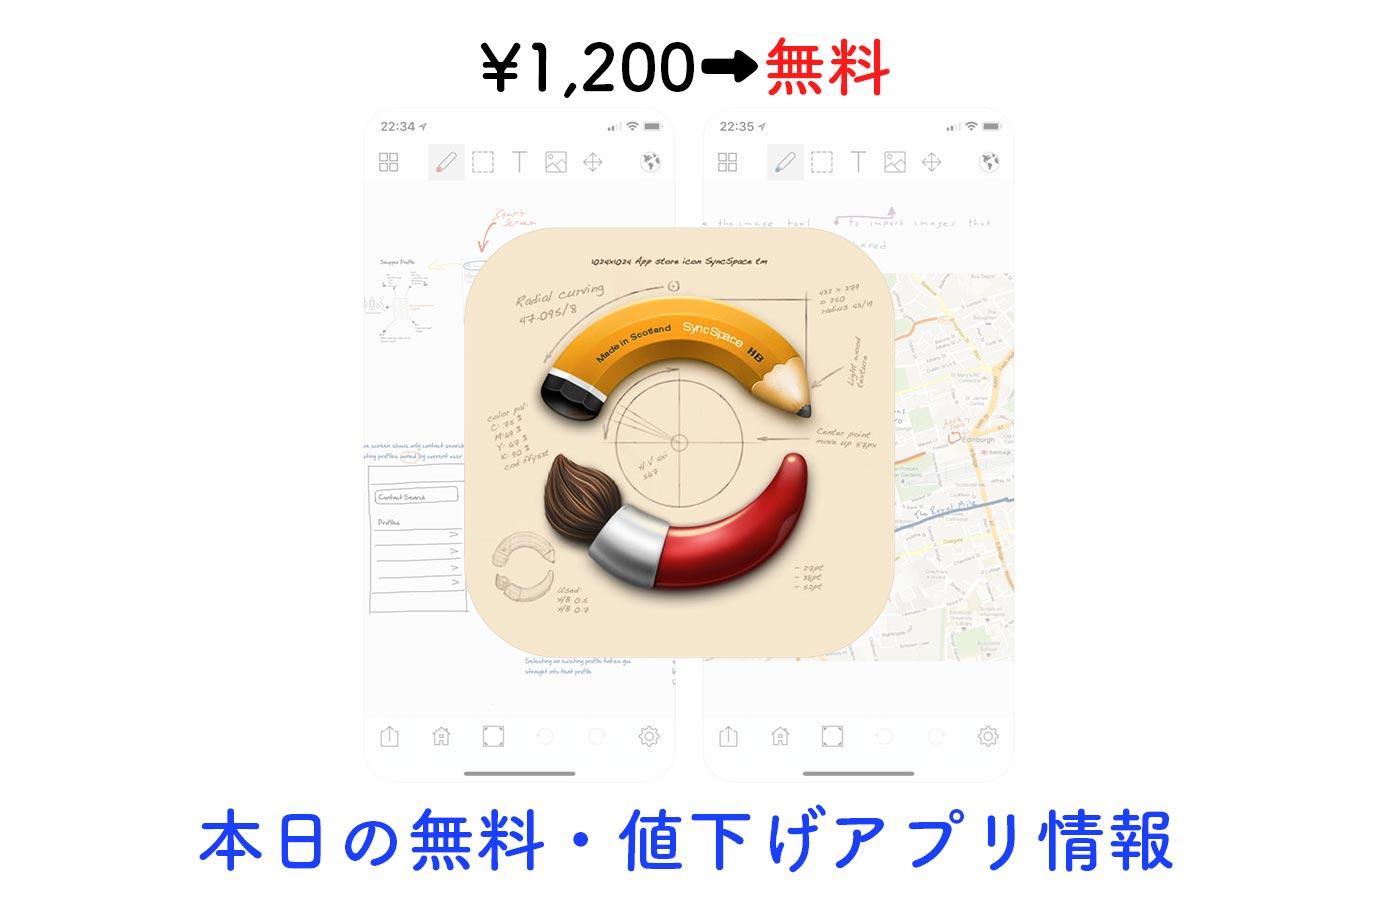 ¥1,200→無料、リアルタイムに共有できるホワイトボードアプリ「SyncSpace」など【1/20】本日の無料・値下げアプリ情報